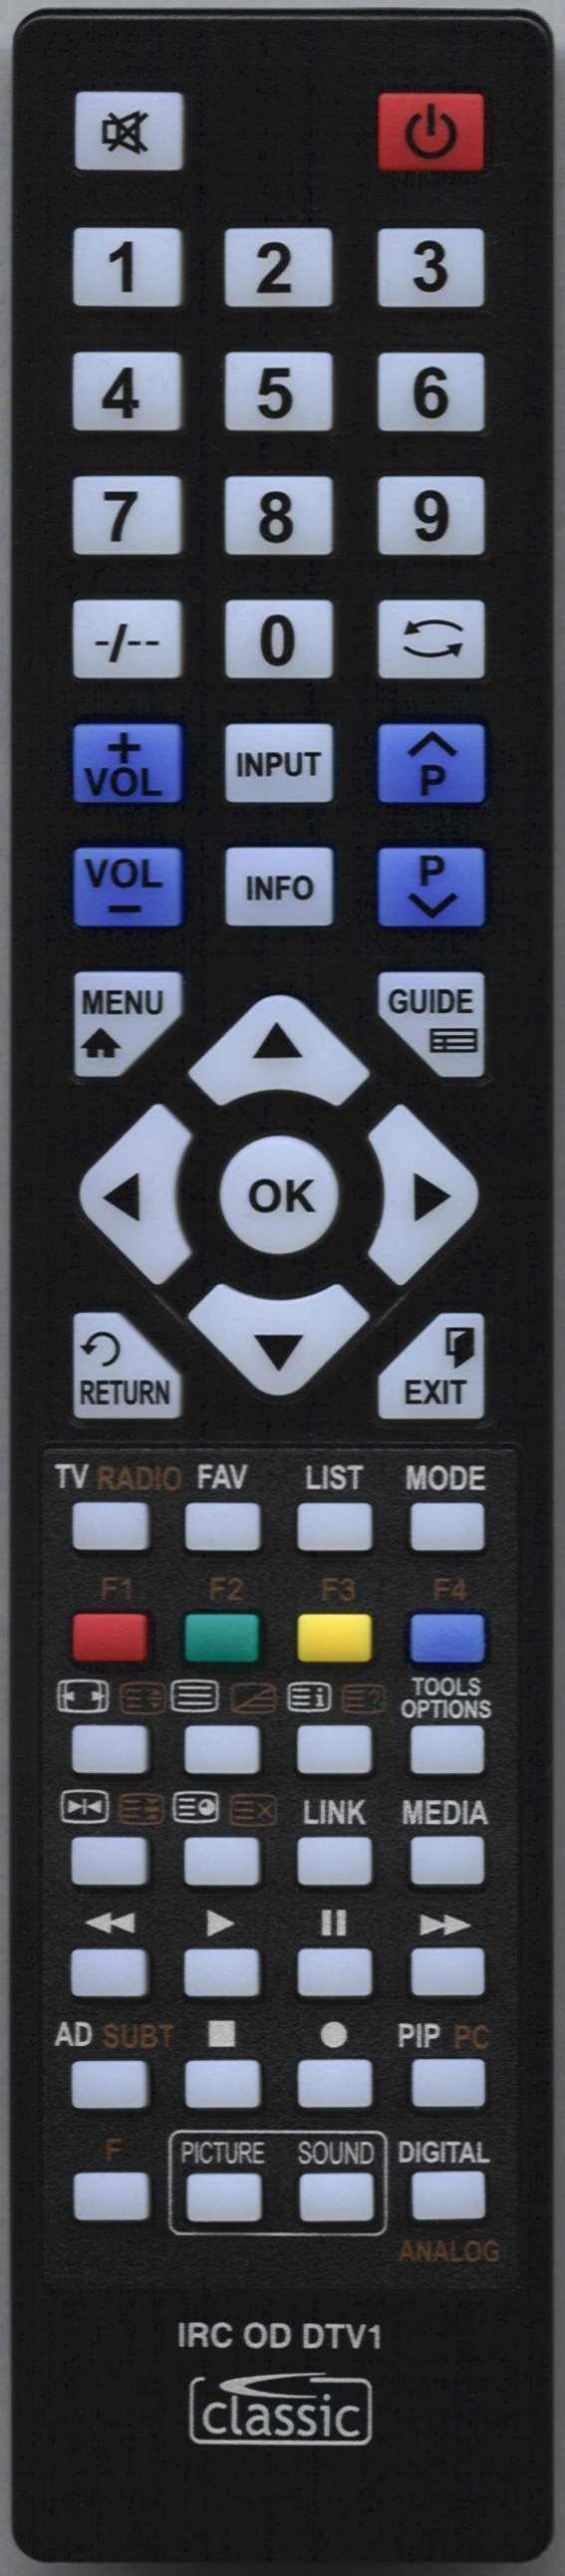 MATSUI M15DIGB19 Remote Control